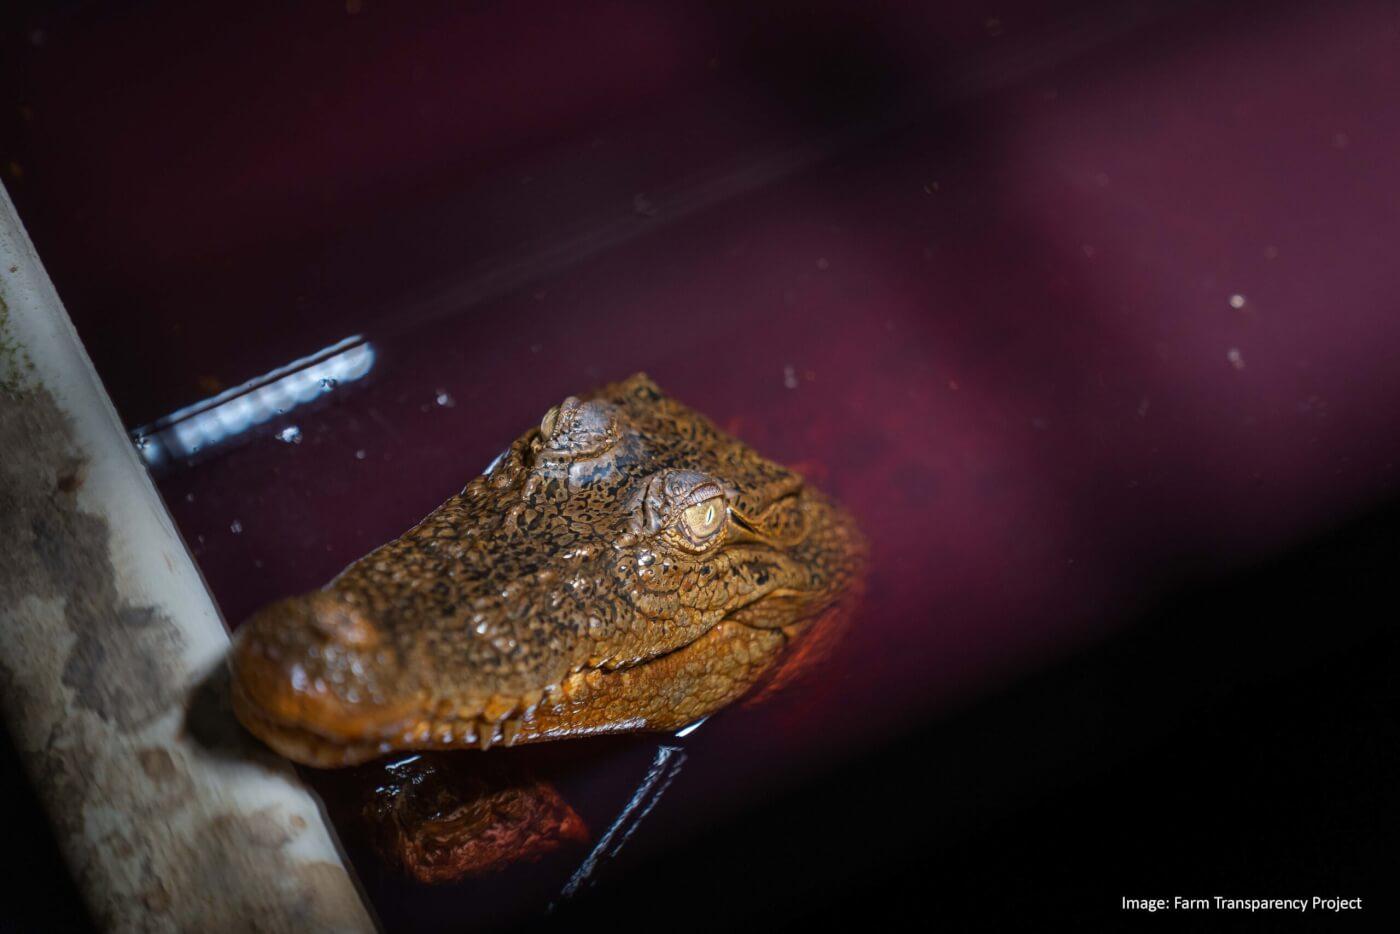 BREAKING: Australian Crocodile Skins Industry Exposed